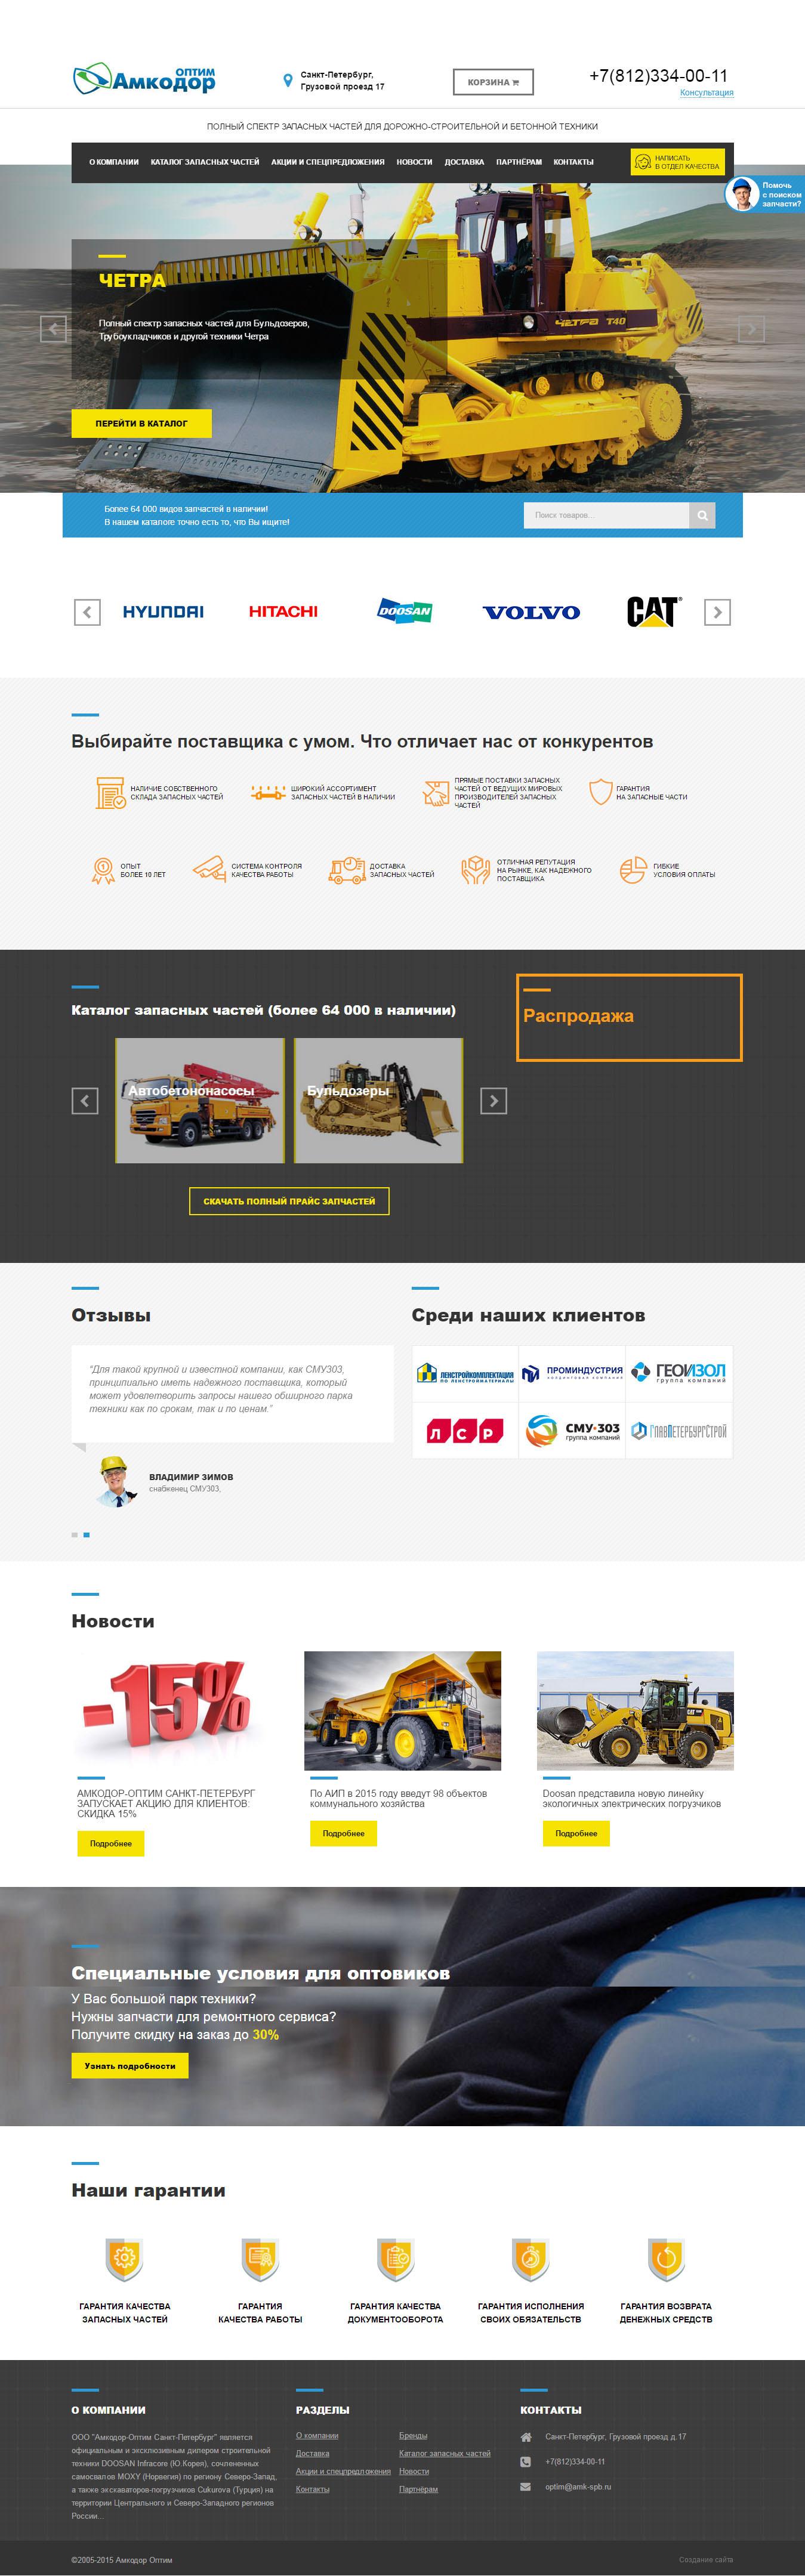 Интернет-магазин Амкодор Оптим - доработка шаблона, интеграция с Wordpress